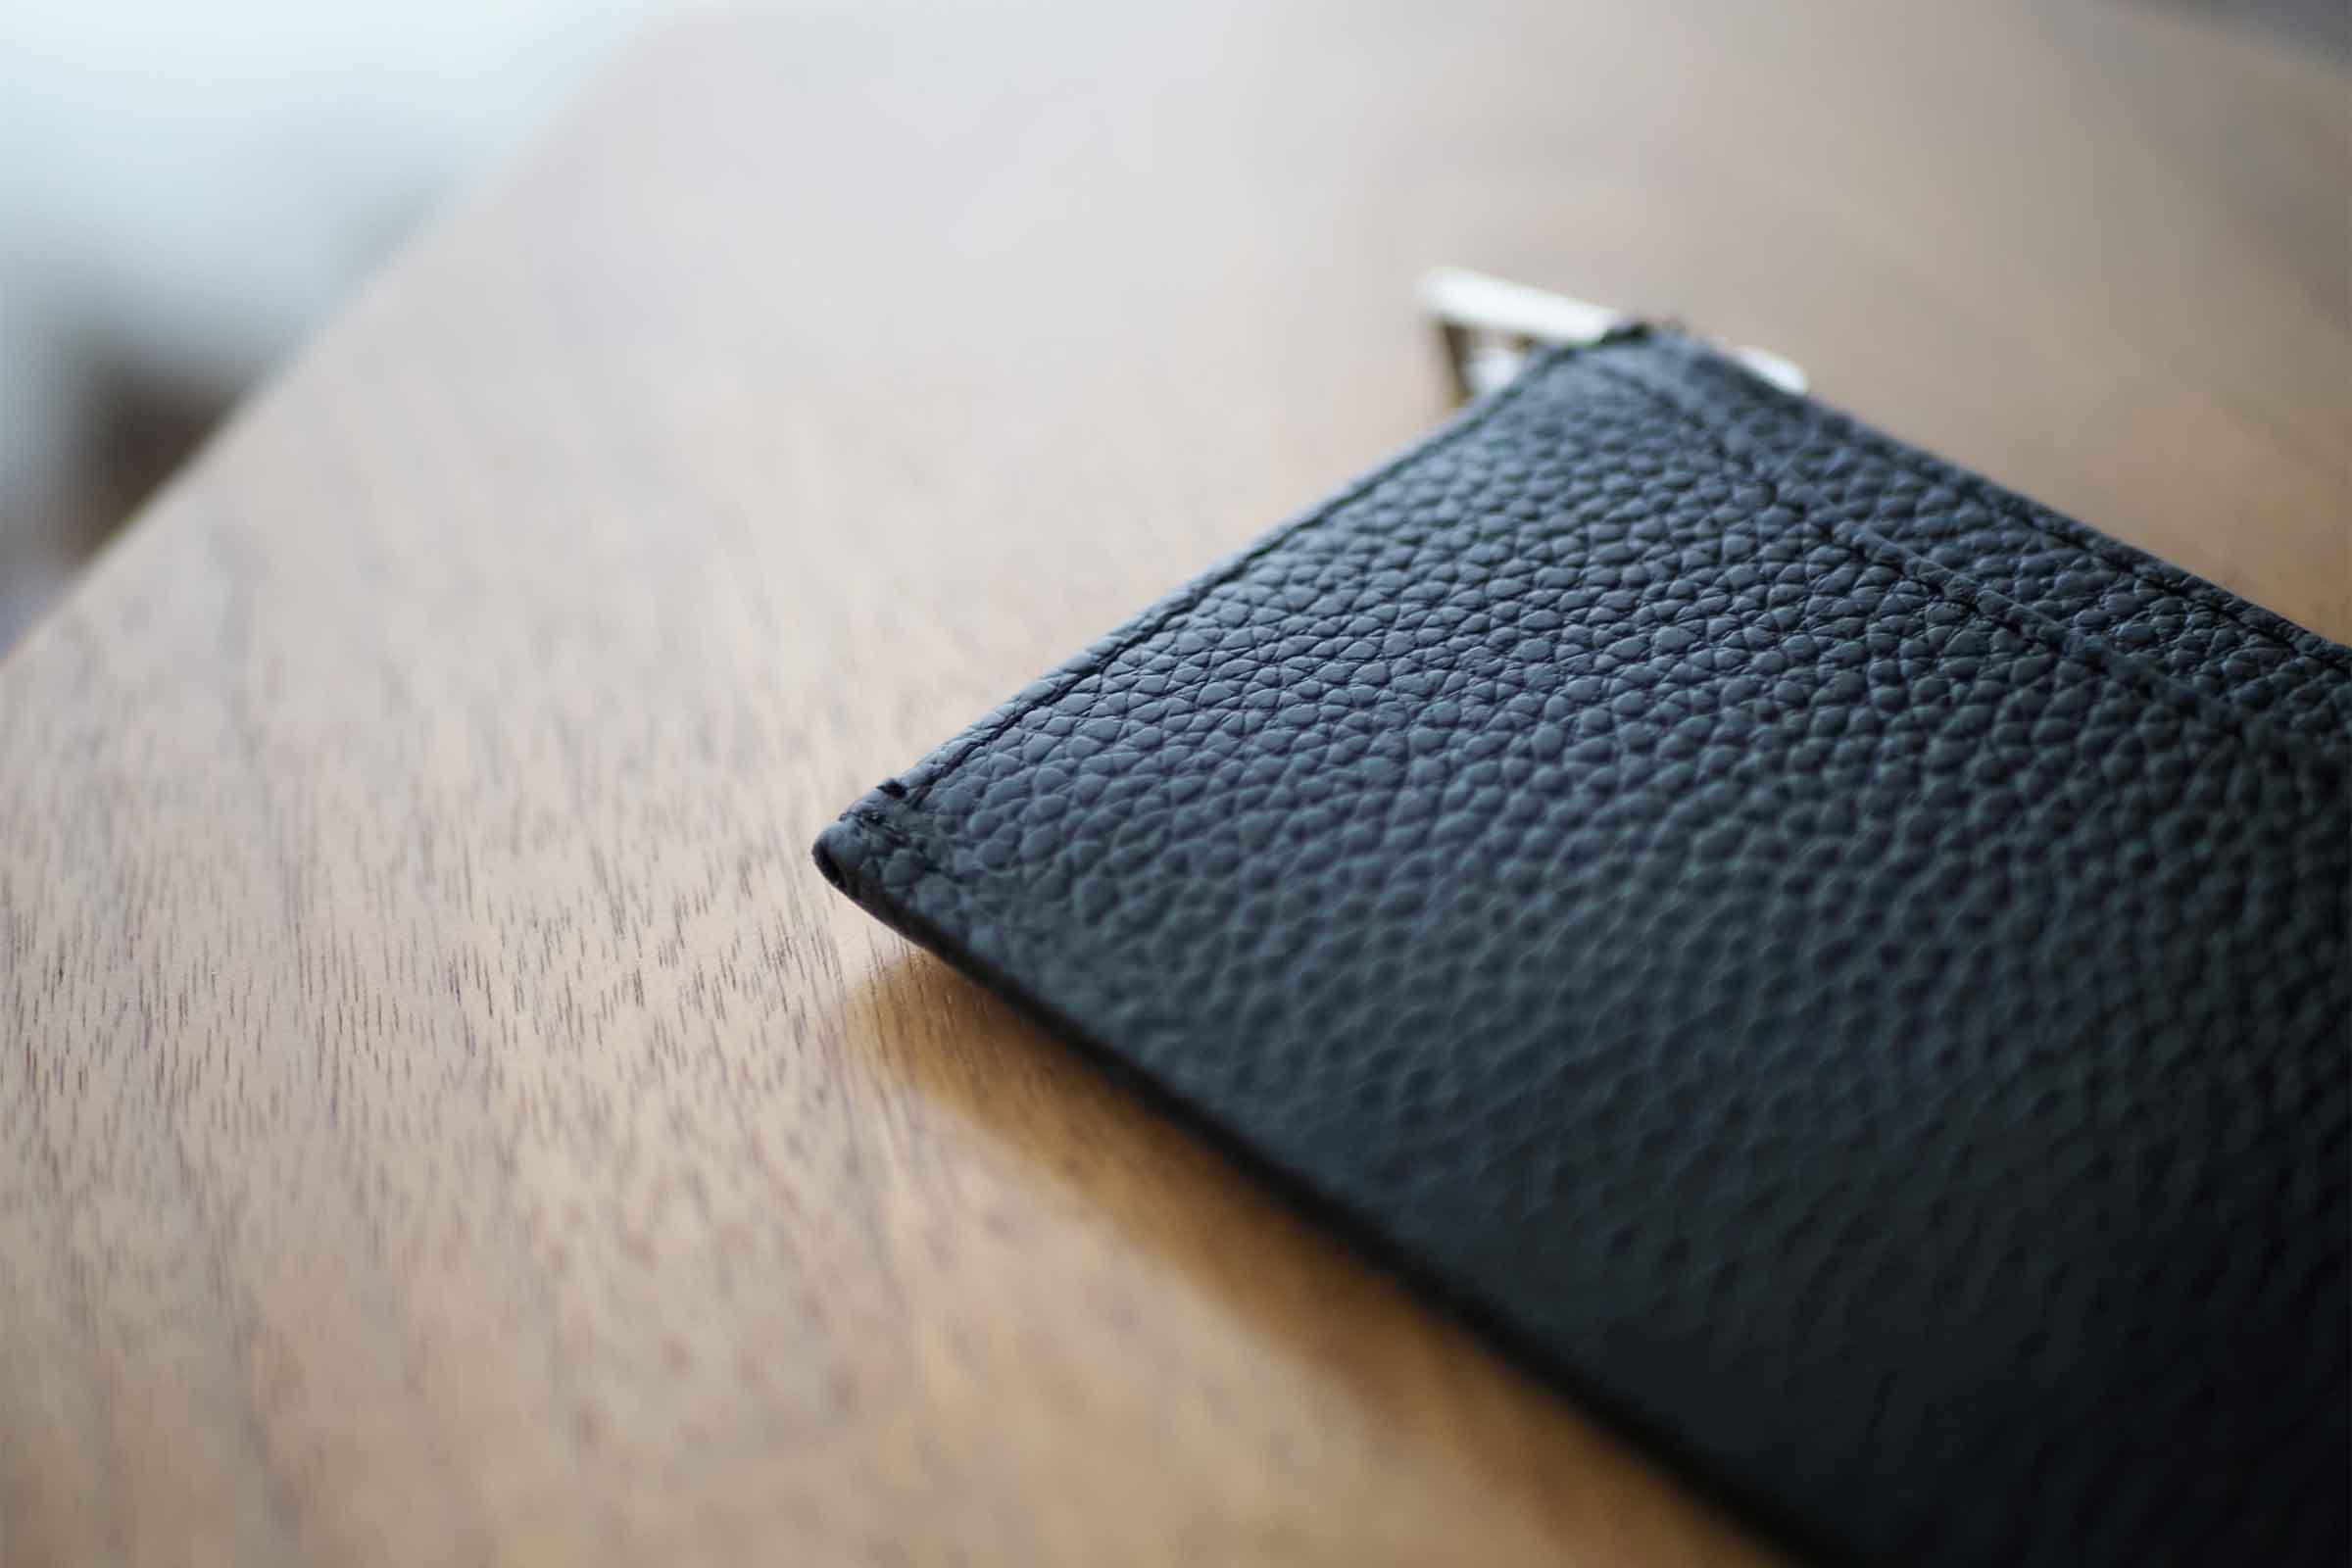 ミニ財布,リスキーモデル,risky,コンパクト,小さい,安い,コスパ,本革